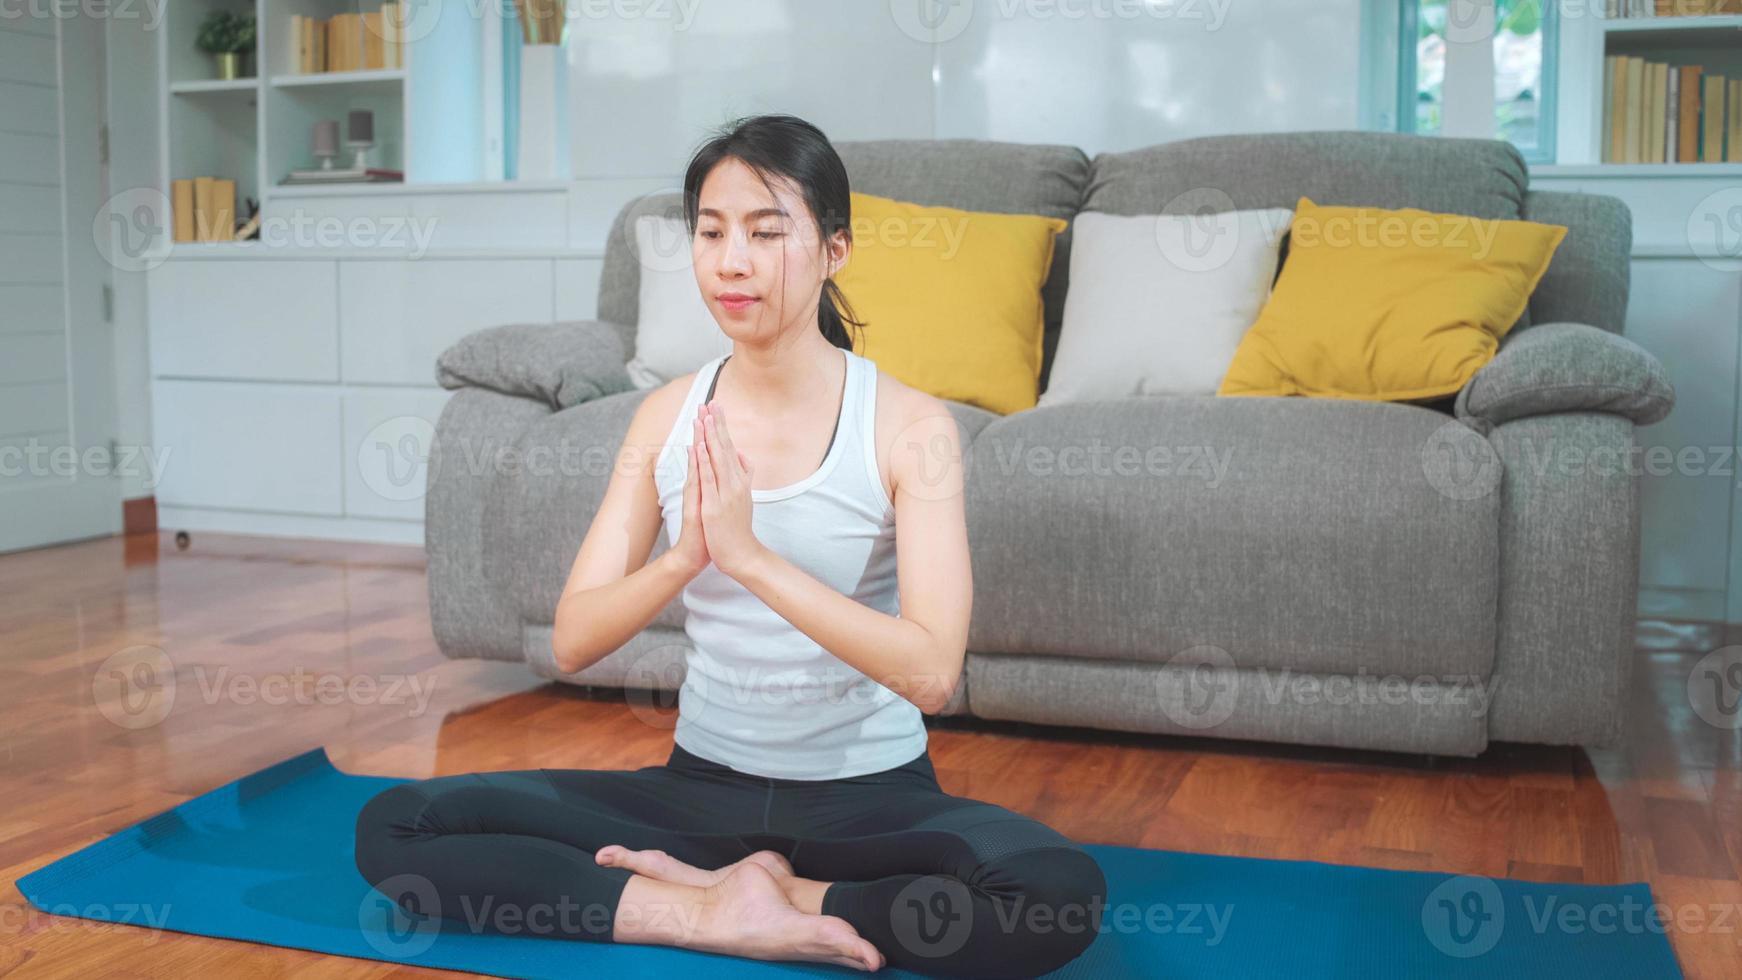 giovane donna asiatica che pratica yoga nel soggiorno. bella femmina attraente che risolve per sano a casa. concetto di esercizio della donna di stile di vita. foto